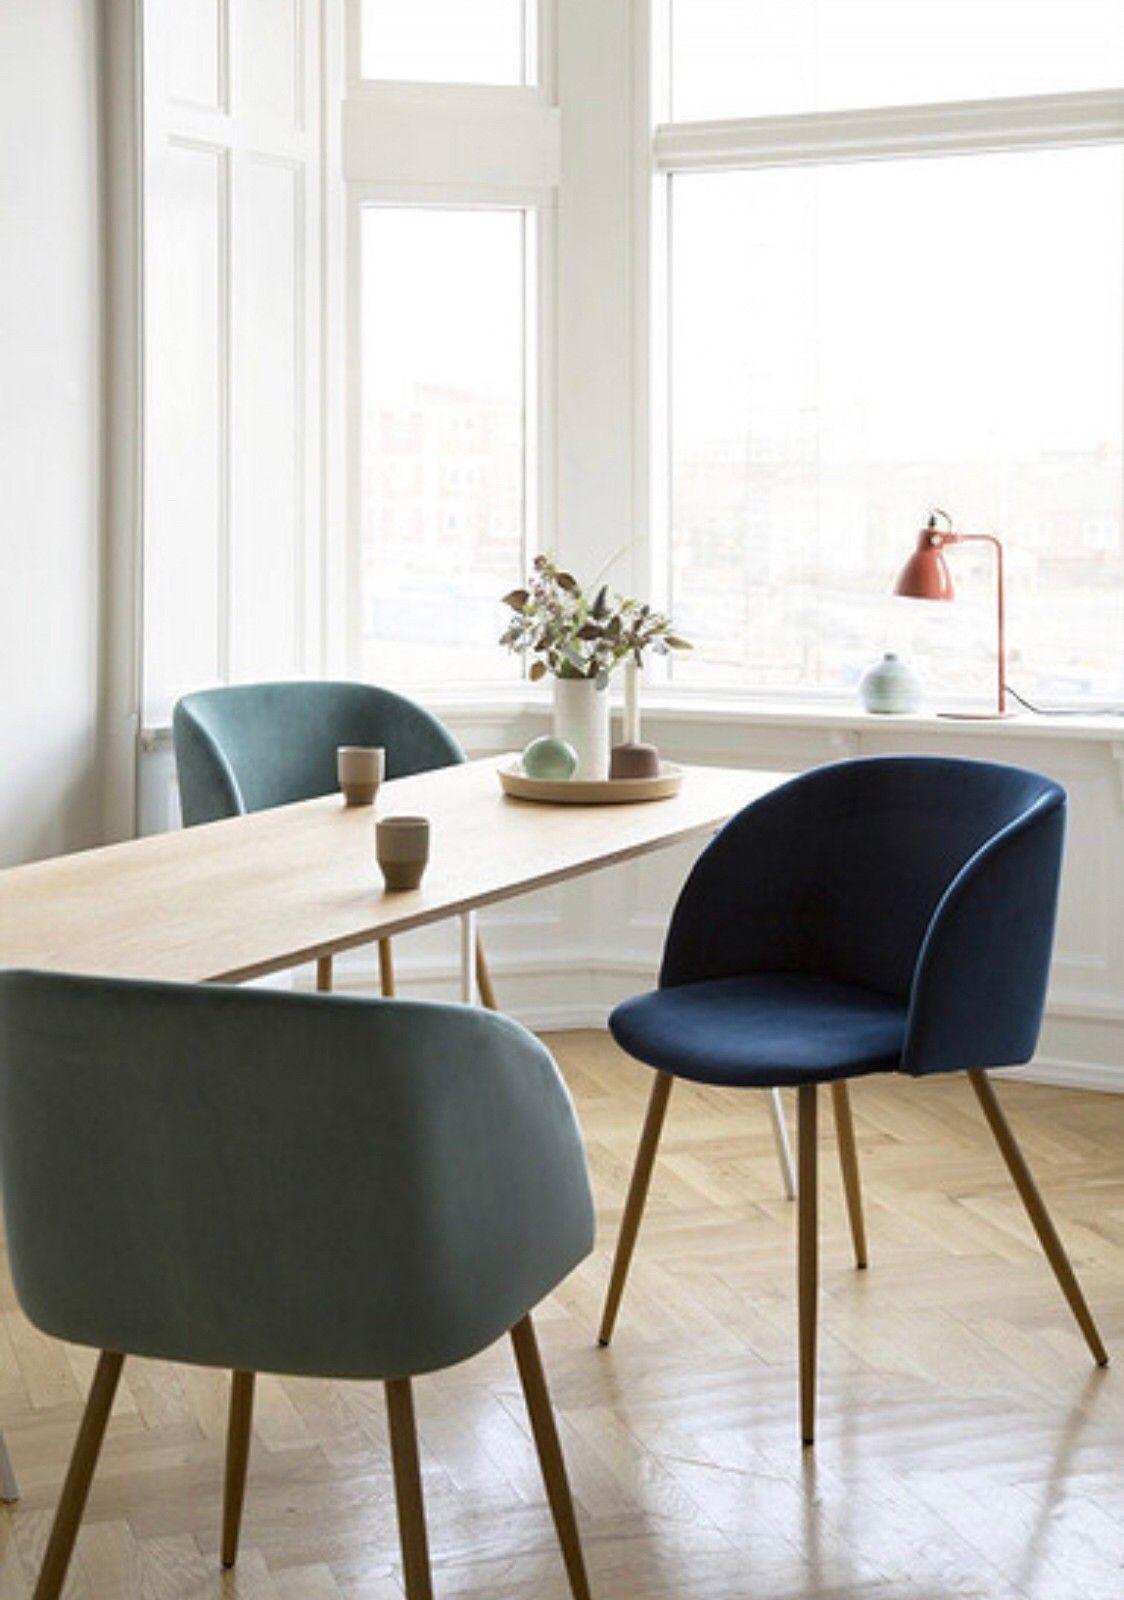 Søstrene Grene stol | FINN.no